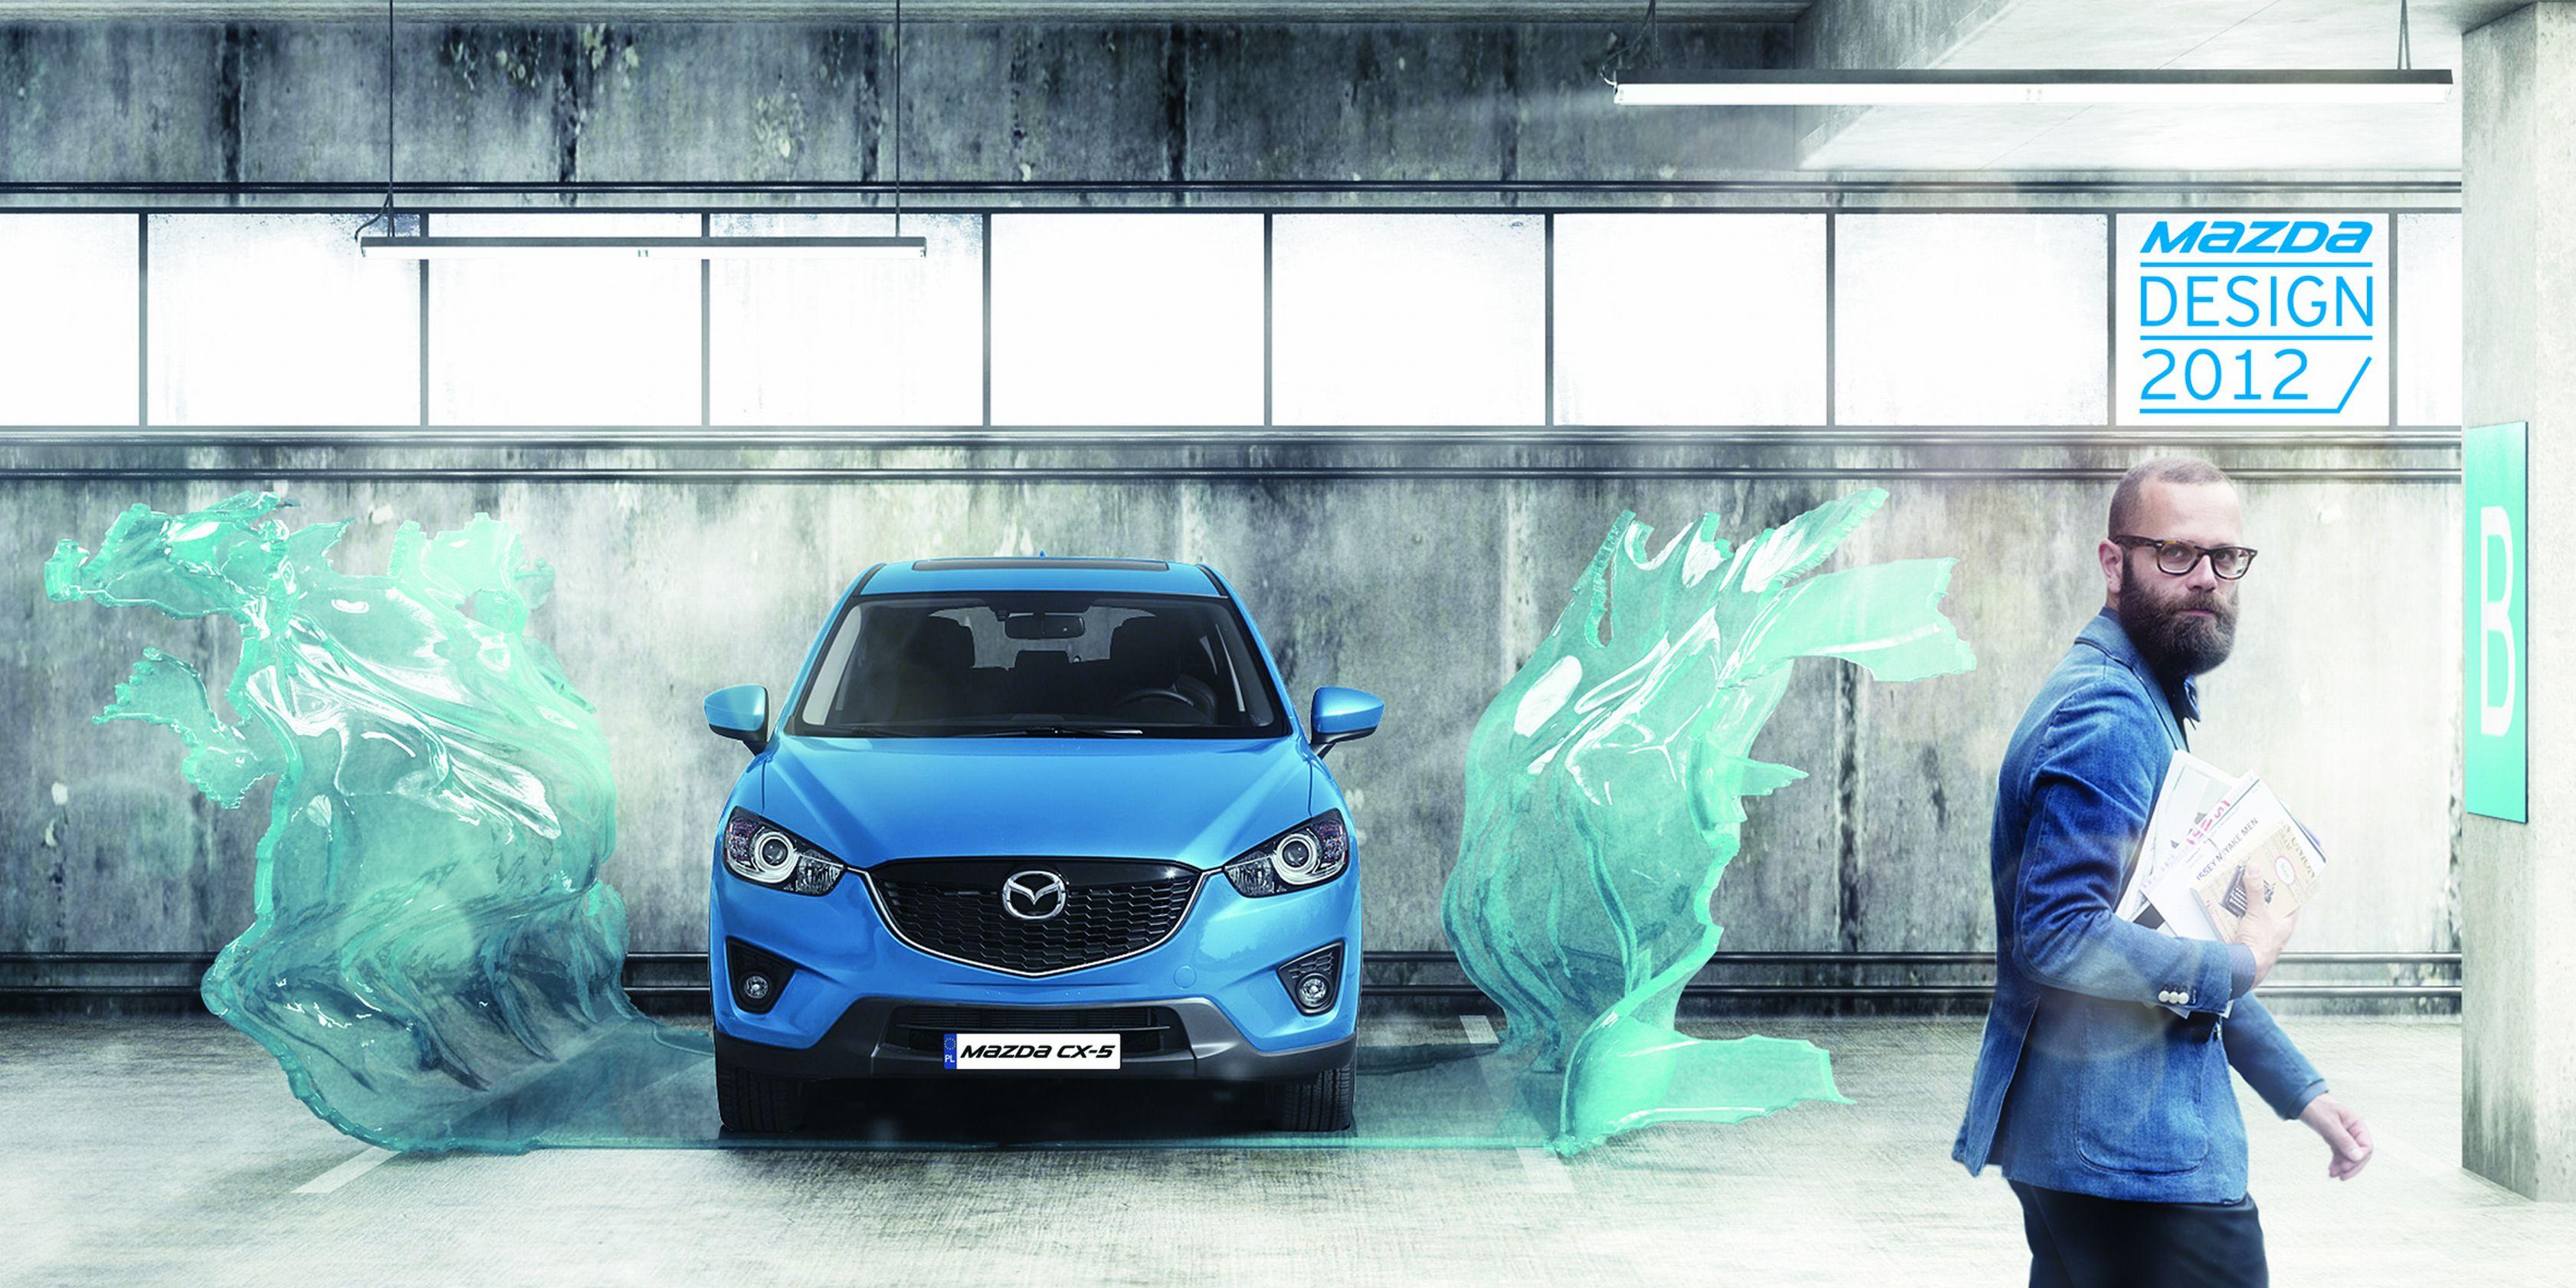 Konkurs Mazda Design 2012 rozstrzygnięty